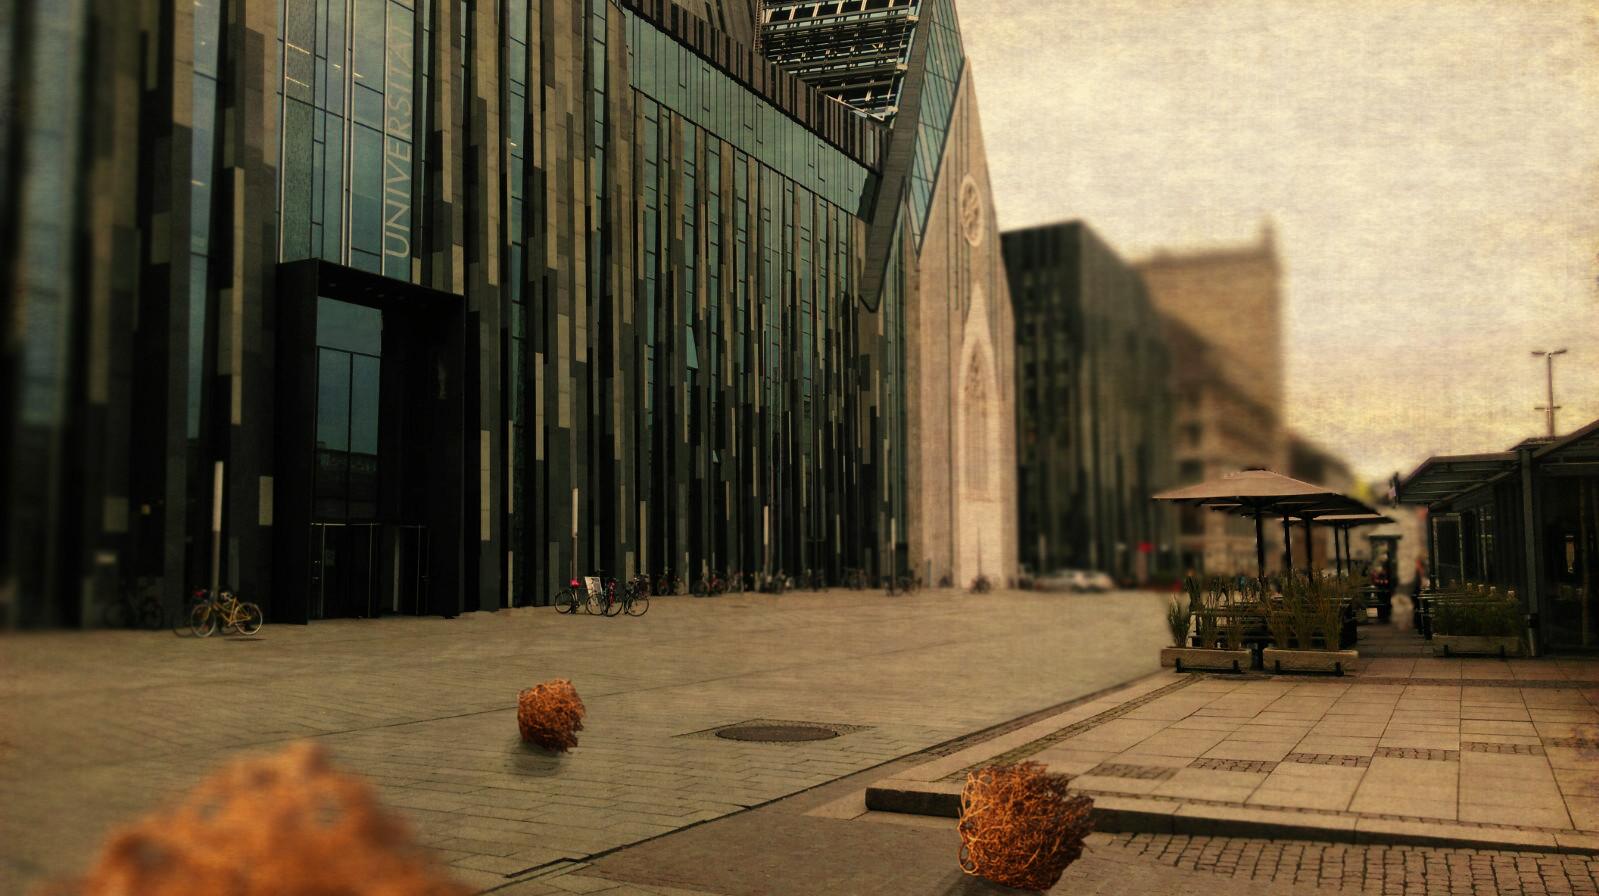 Vor einem Universitätsgebäude rollen die typischen Tumbleweeds, um die Einsamkeit an der Uni zu verdeutlichen.